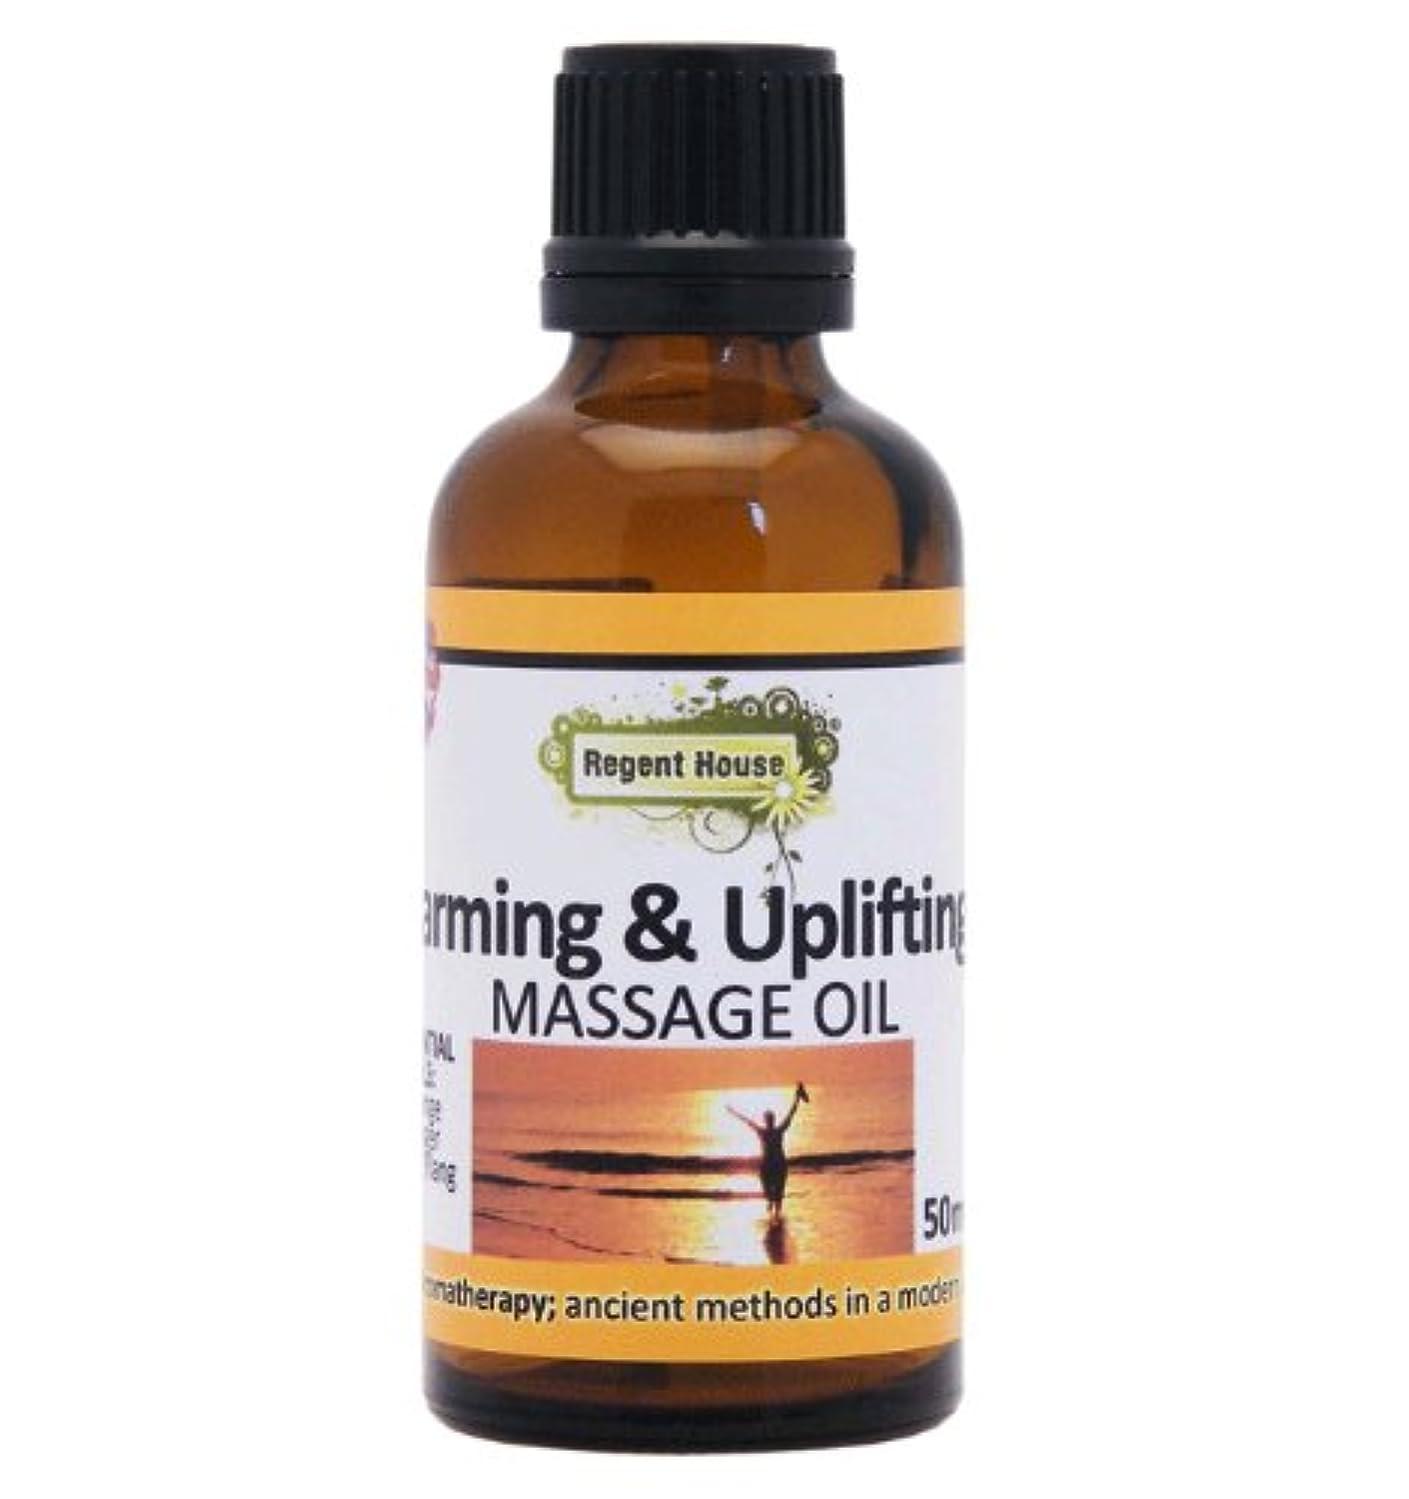 セメントタオル義務付けられたイタリア産の天然オレンジ精油を、たっぷり配合。 アロマ ナチュラル マッサージオイル 50ml ウォーミング&アップリフティング(Aroma Massage Oil Warming & Uplifting)